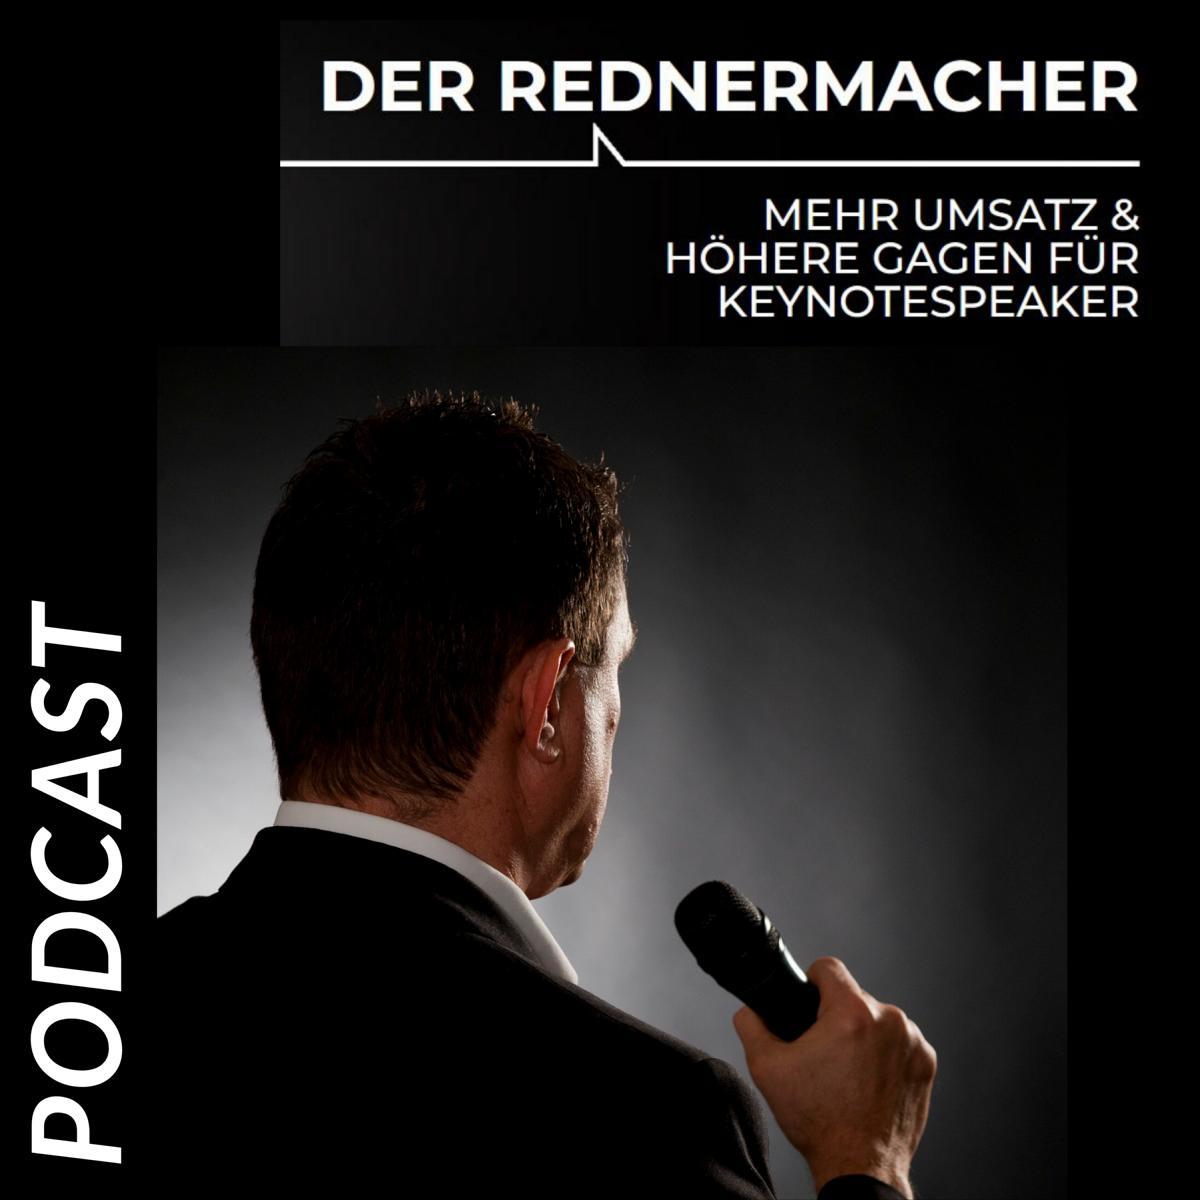 Übersicht der Podcasts mit dem Rednermacher